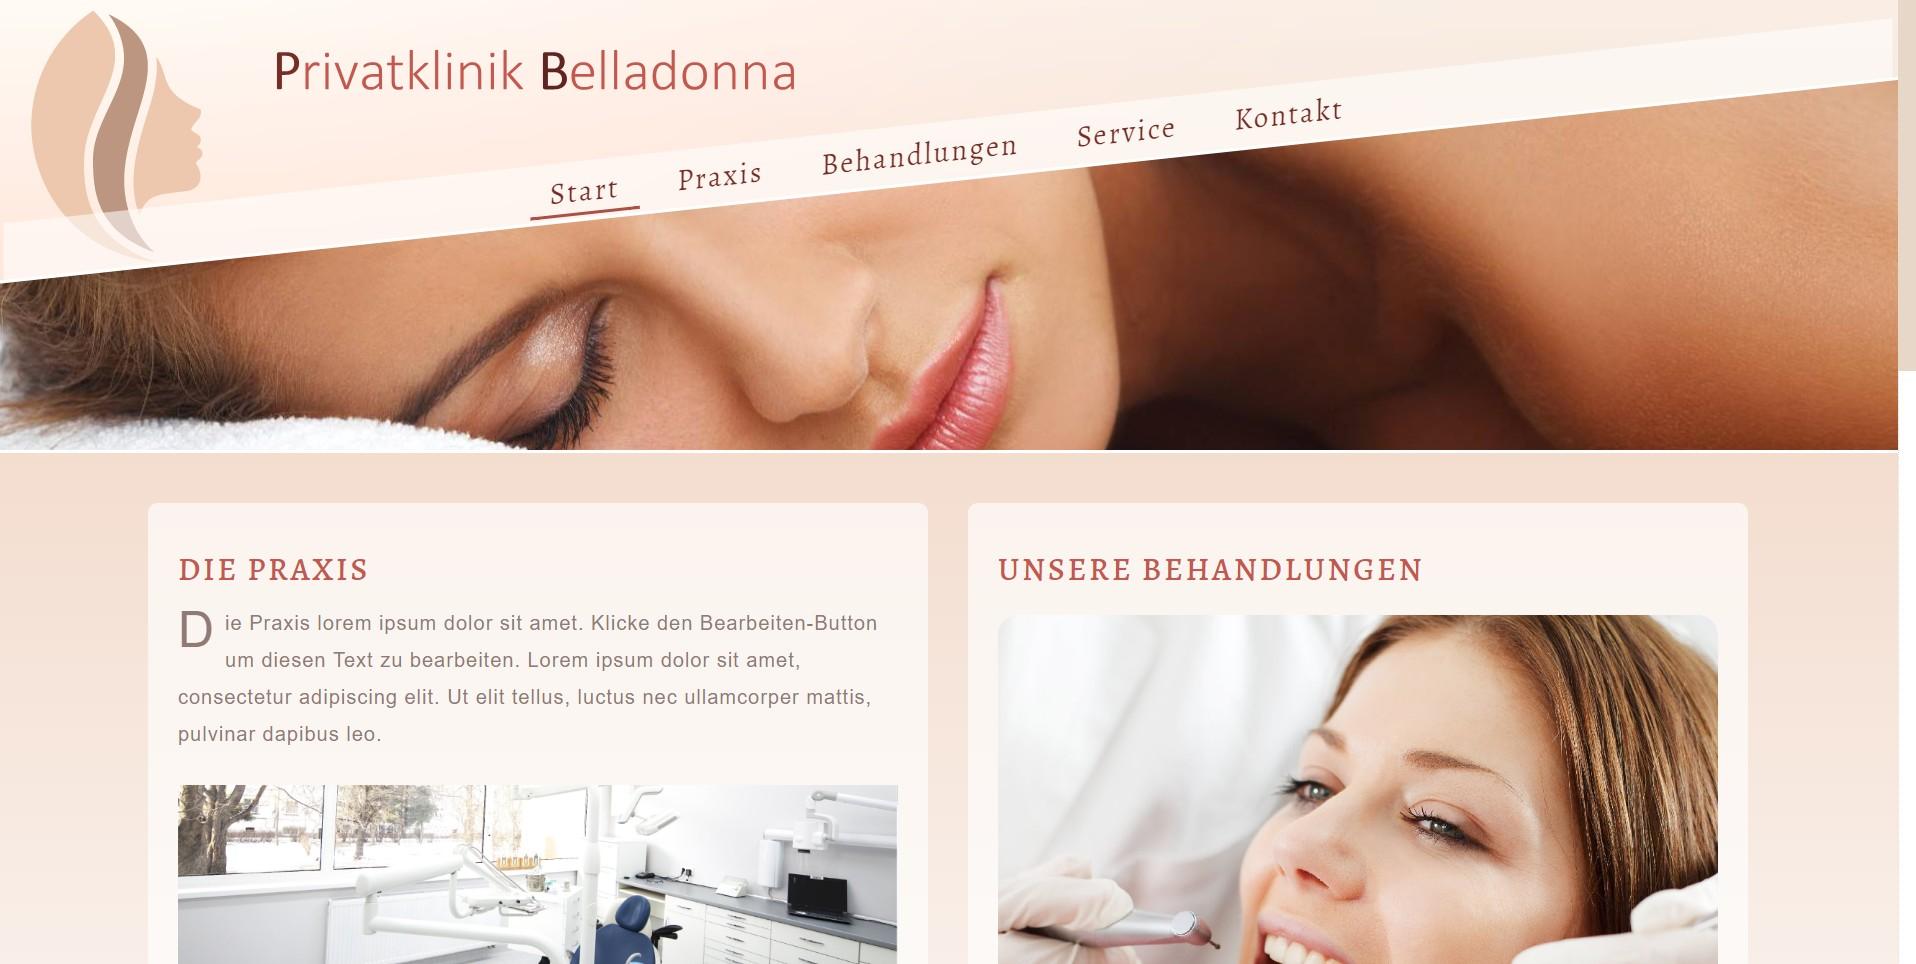 Zahnrekonstruktion.ch